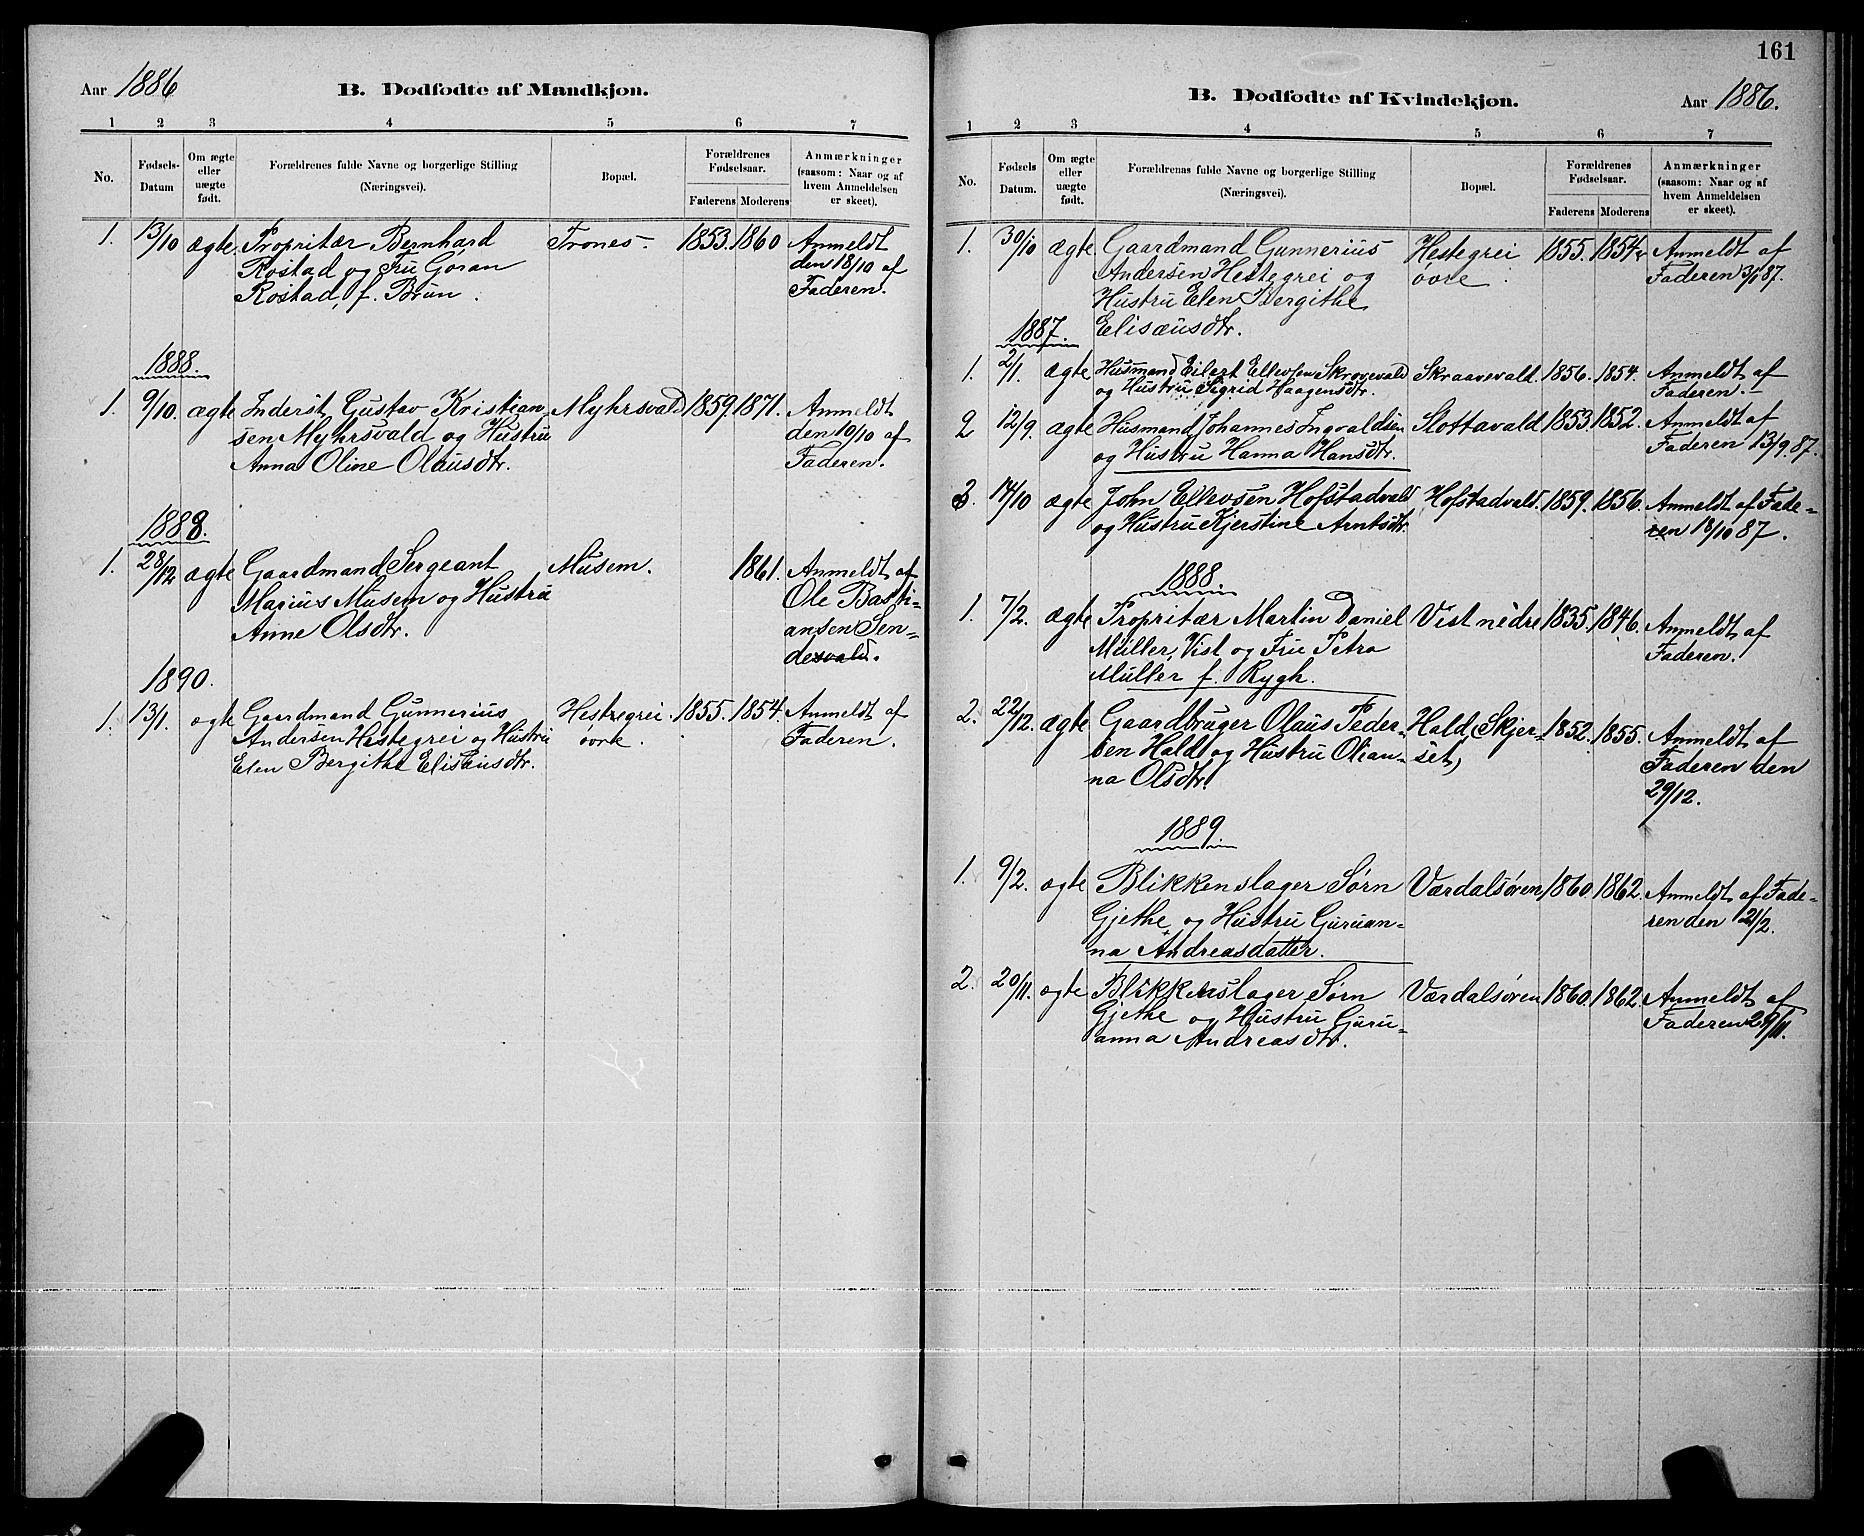 SAT, Ministerialprotokoller, klokkerbøker og fødselsregistre - Nord-Trøndelag, 723/L0256: Klokkerbok nr. 723C04, 1879-1890, s. 161